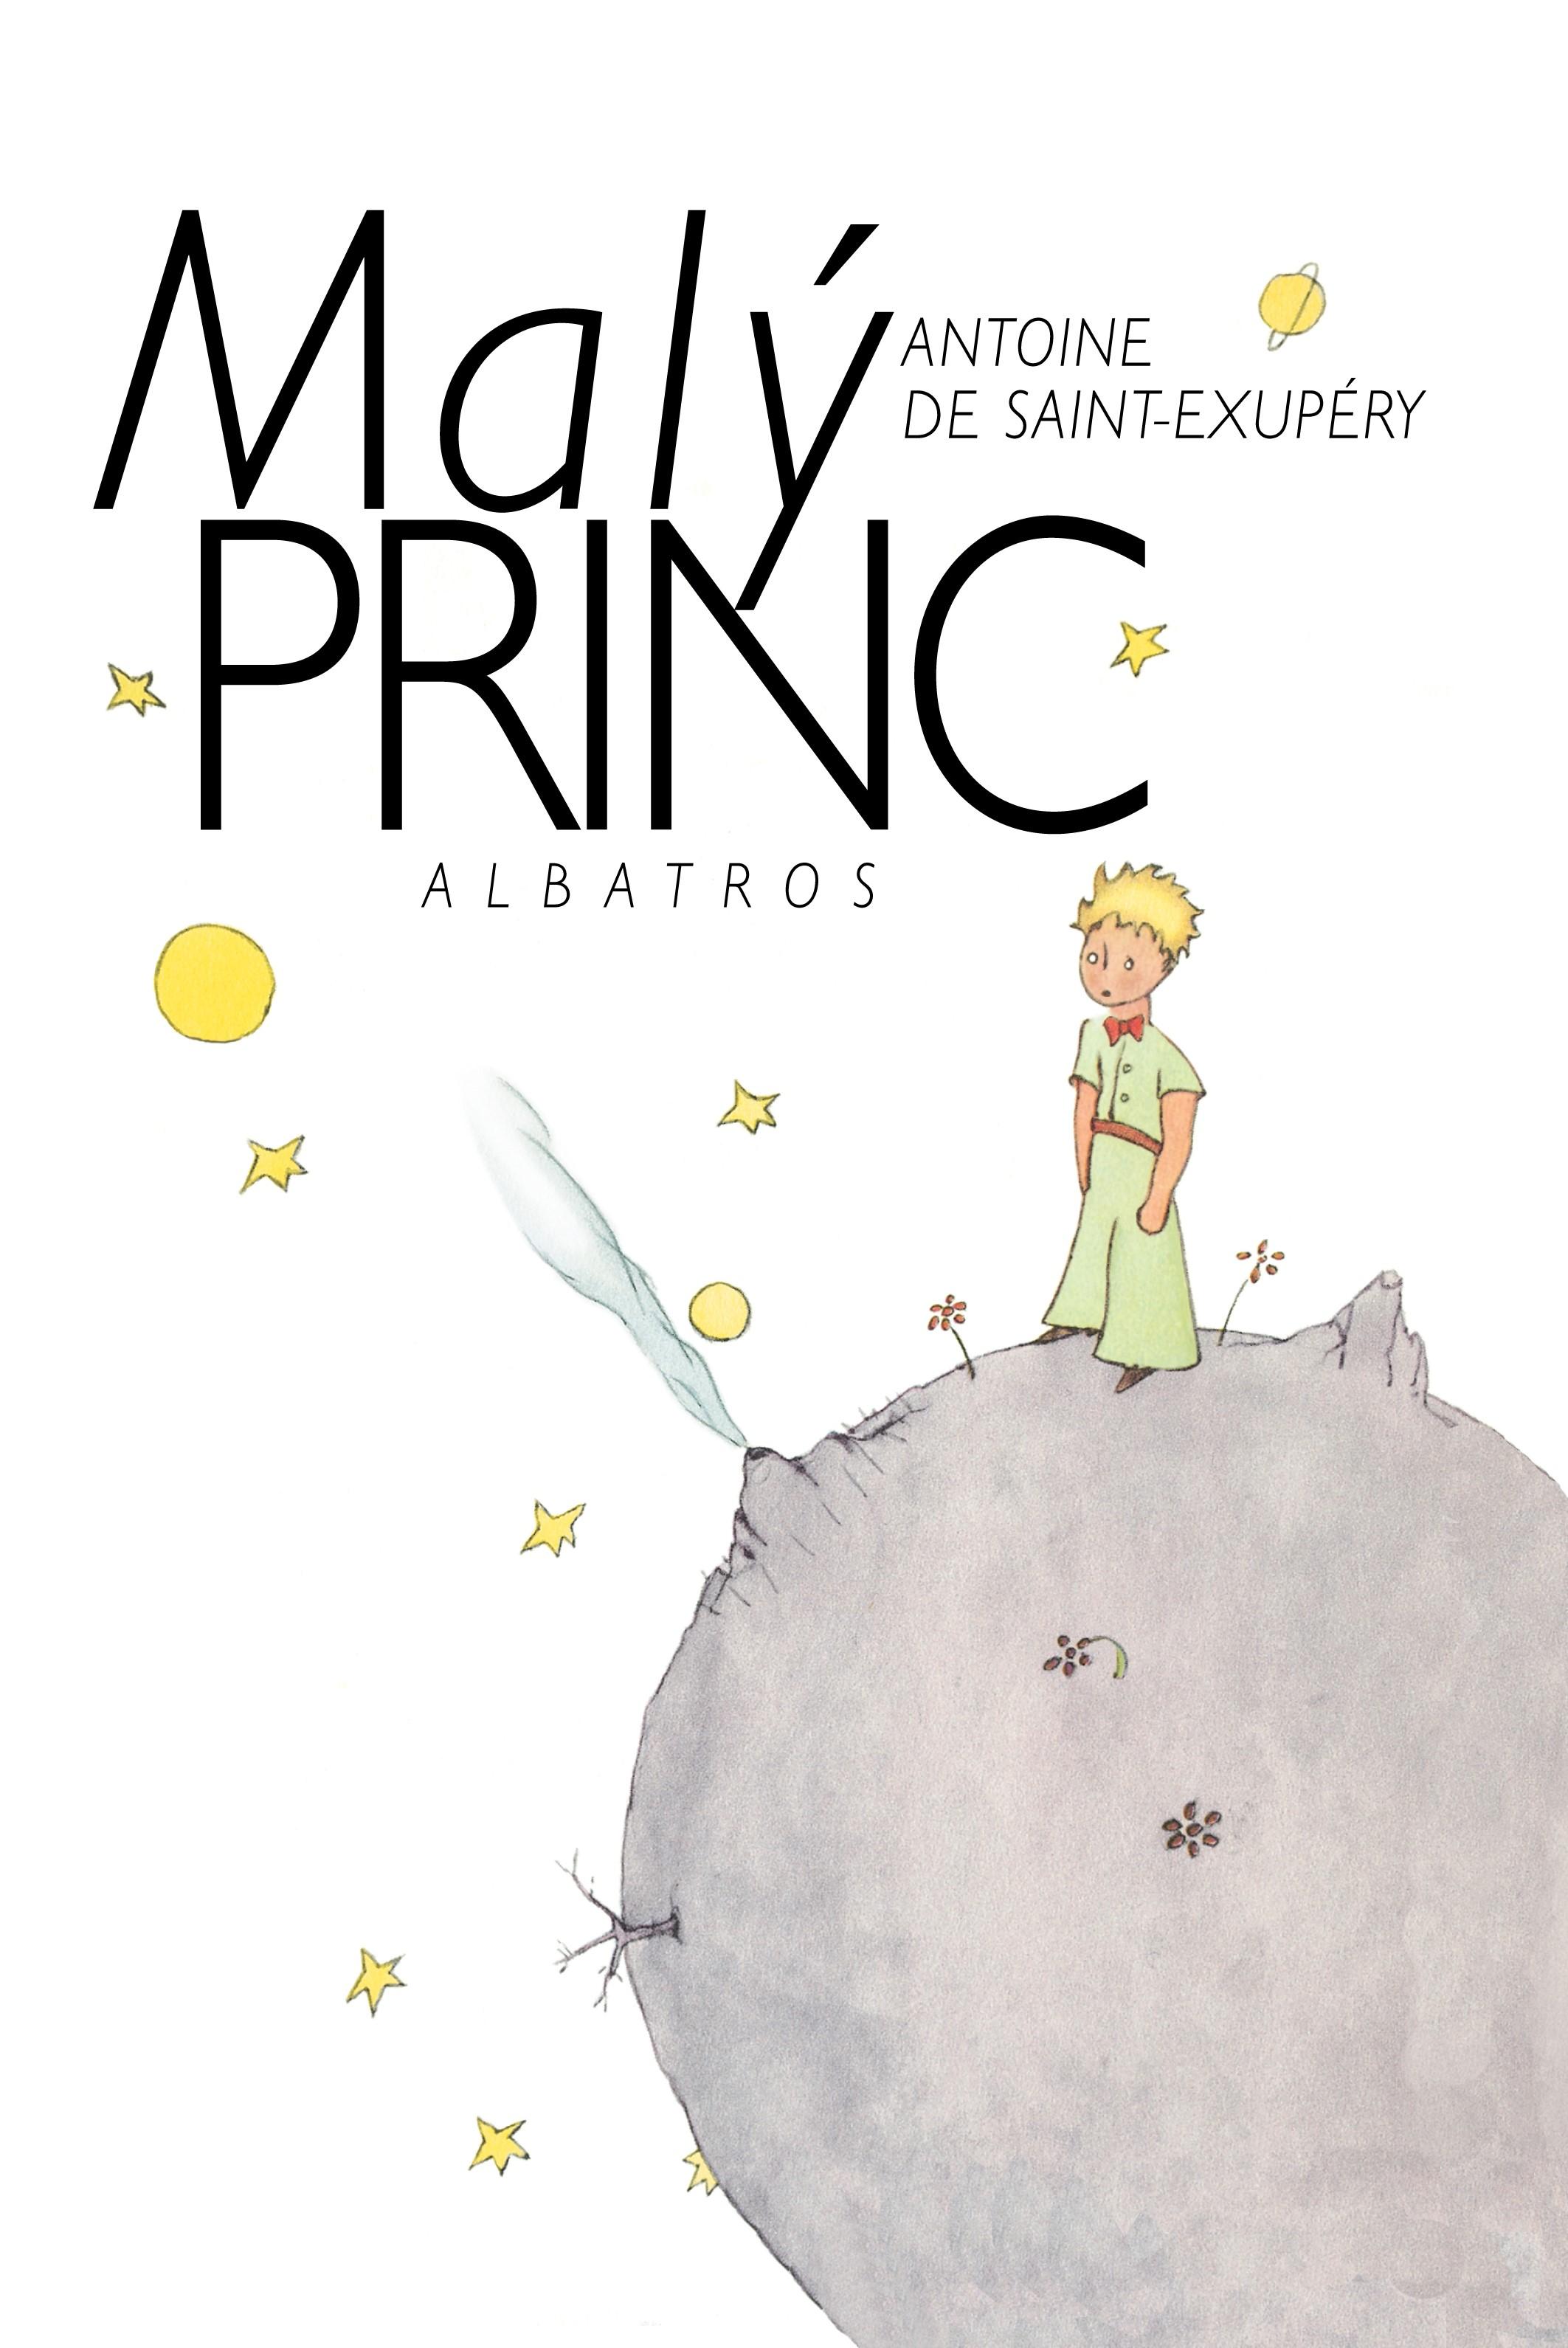 Malý princ - kapesní vydání | Antoine de Saint-Exupéry, Antoine de Saint-Exupéry